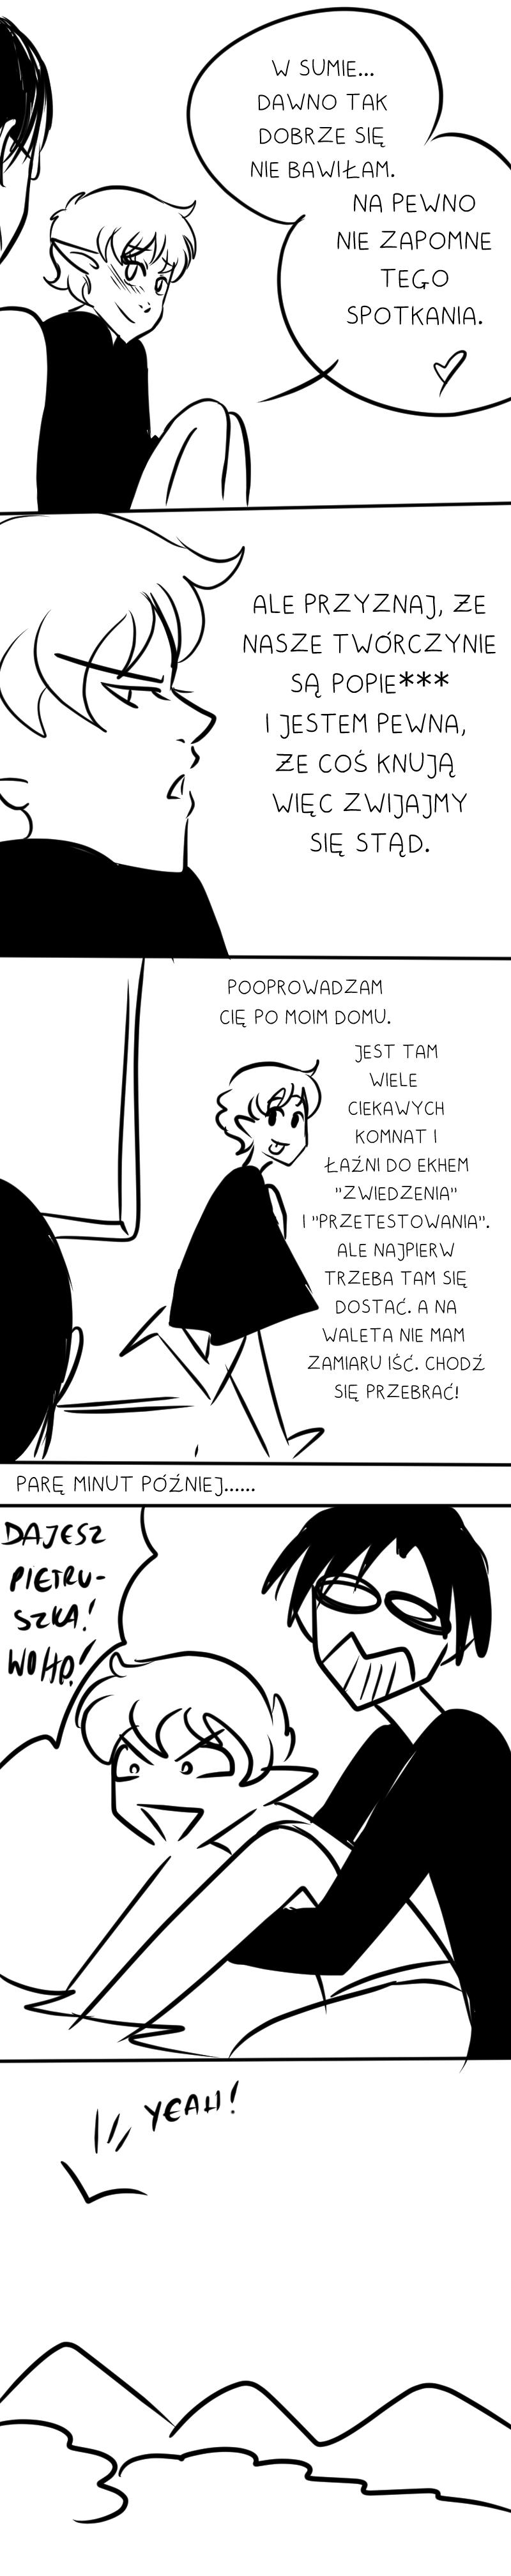 Randki - part.23